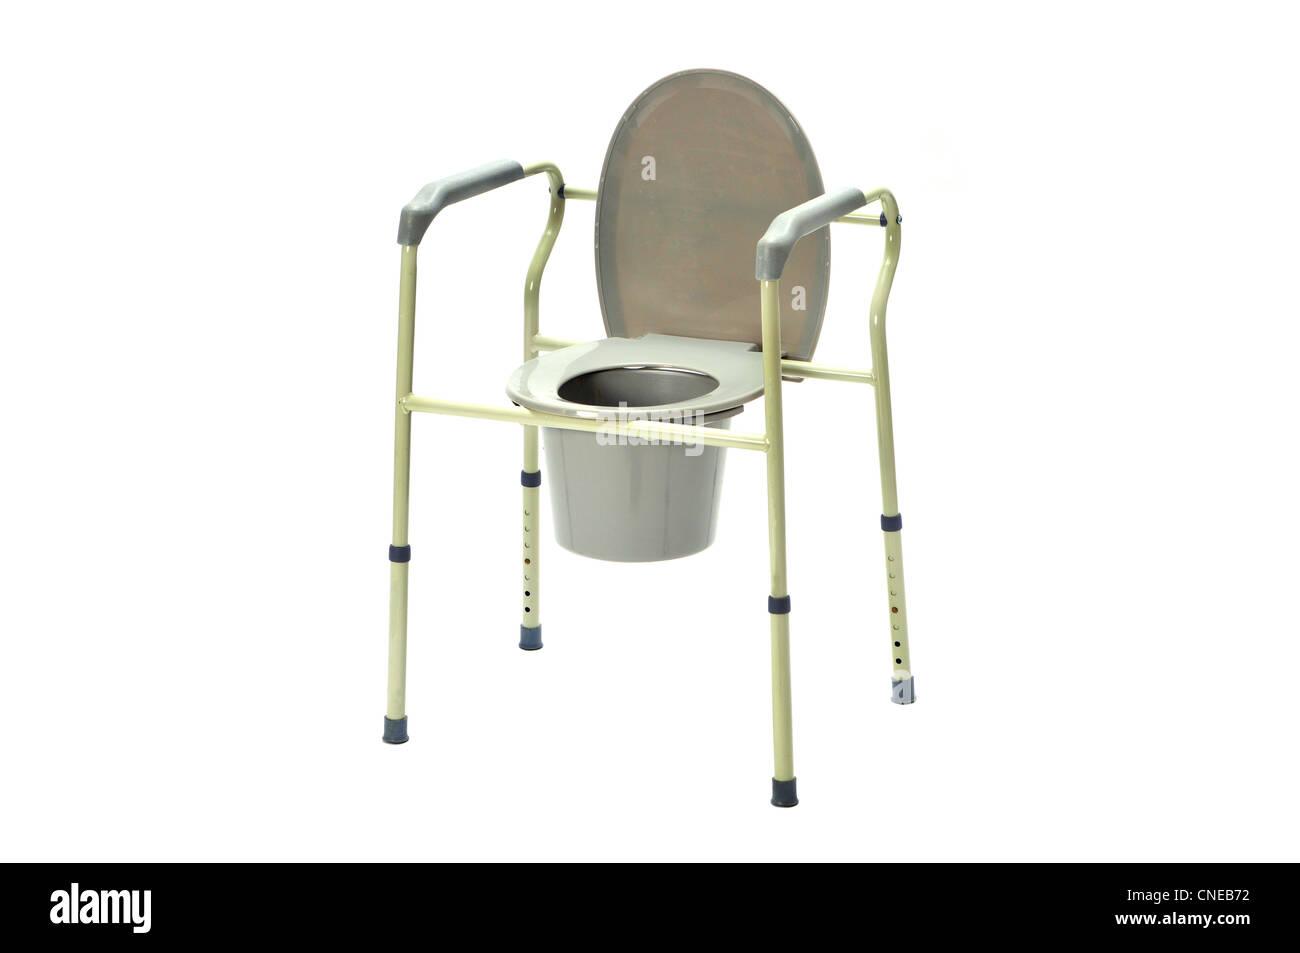 Portable toilet on white - Stock Image